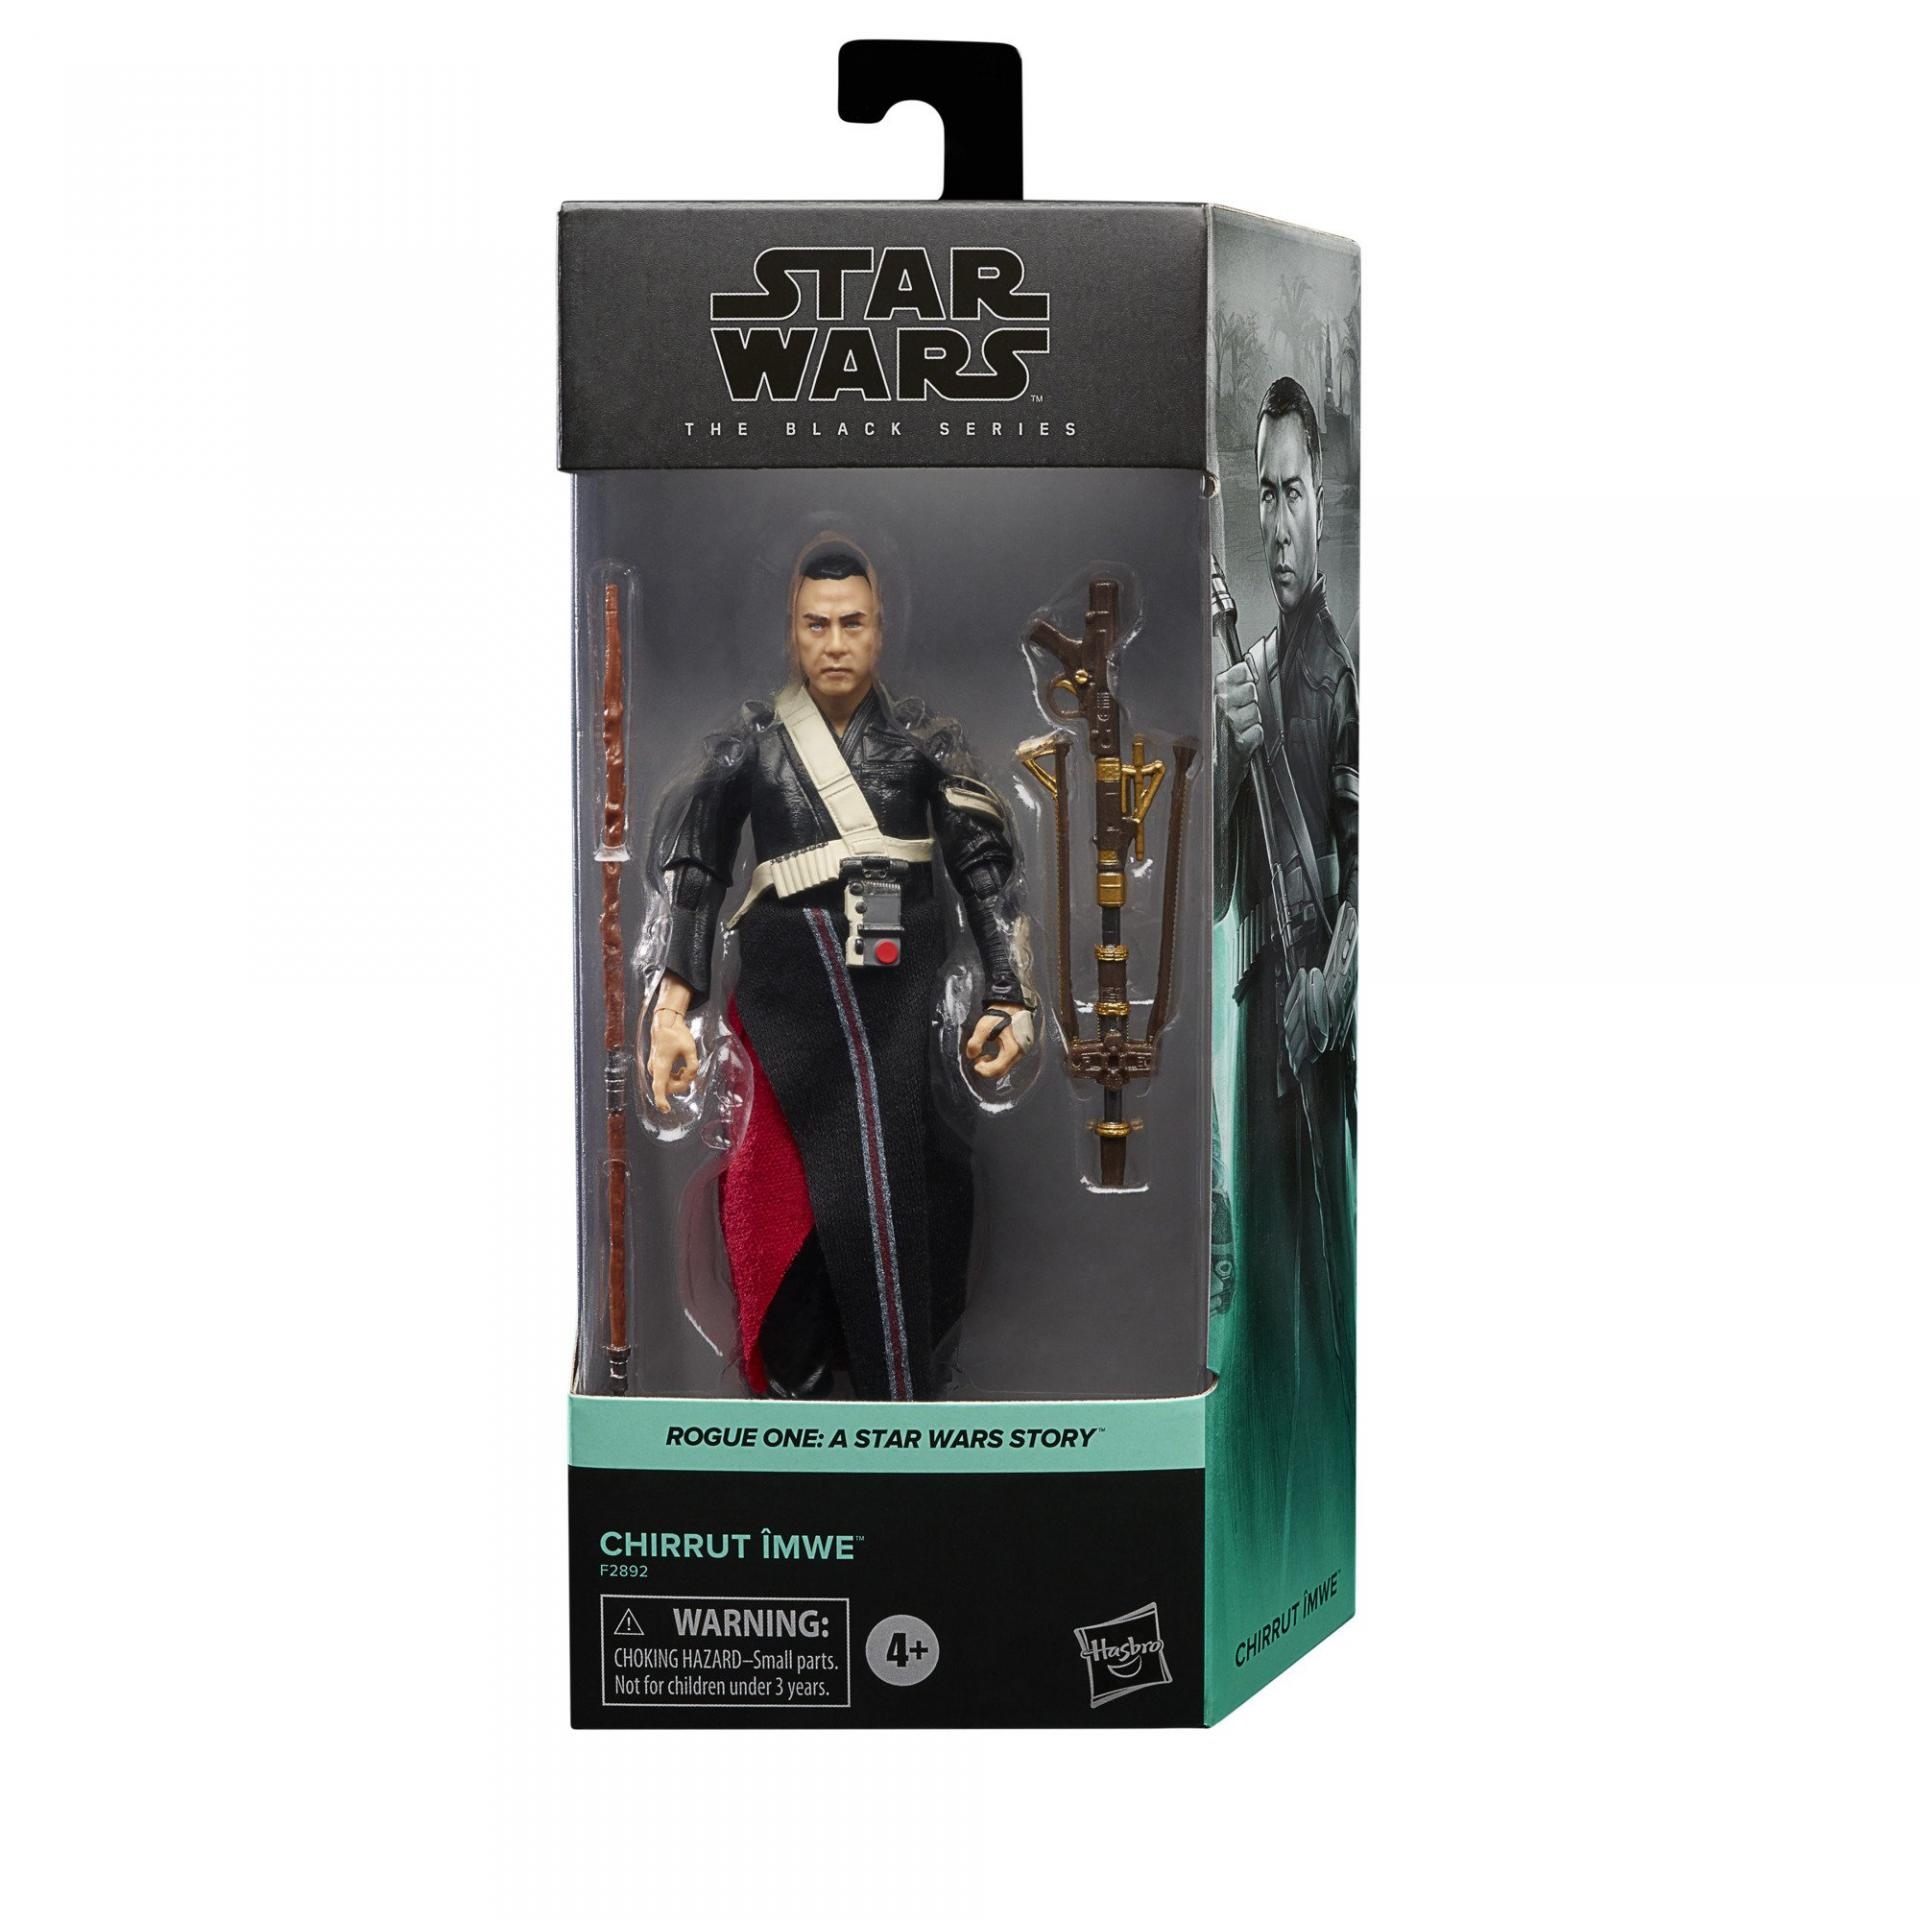 Star wars the black series chirrut imwe 15cm5